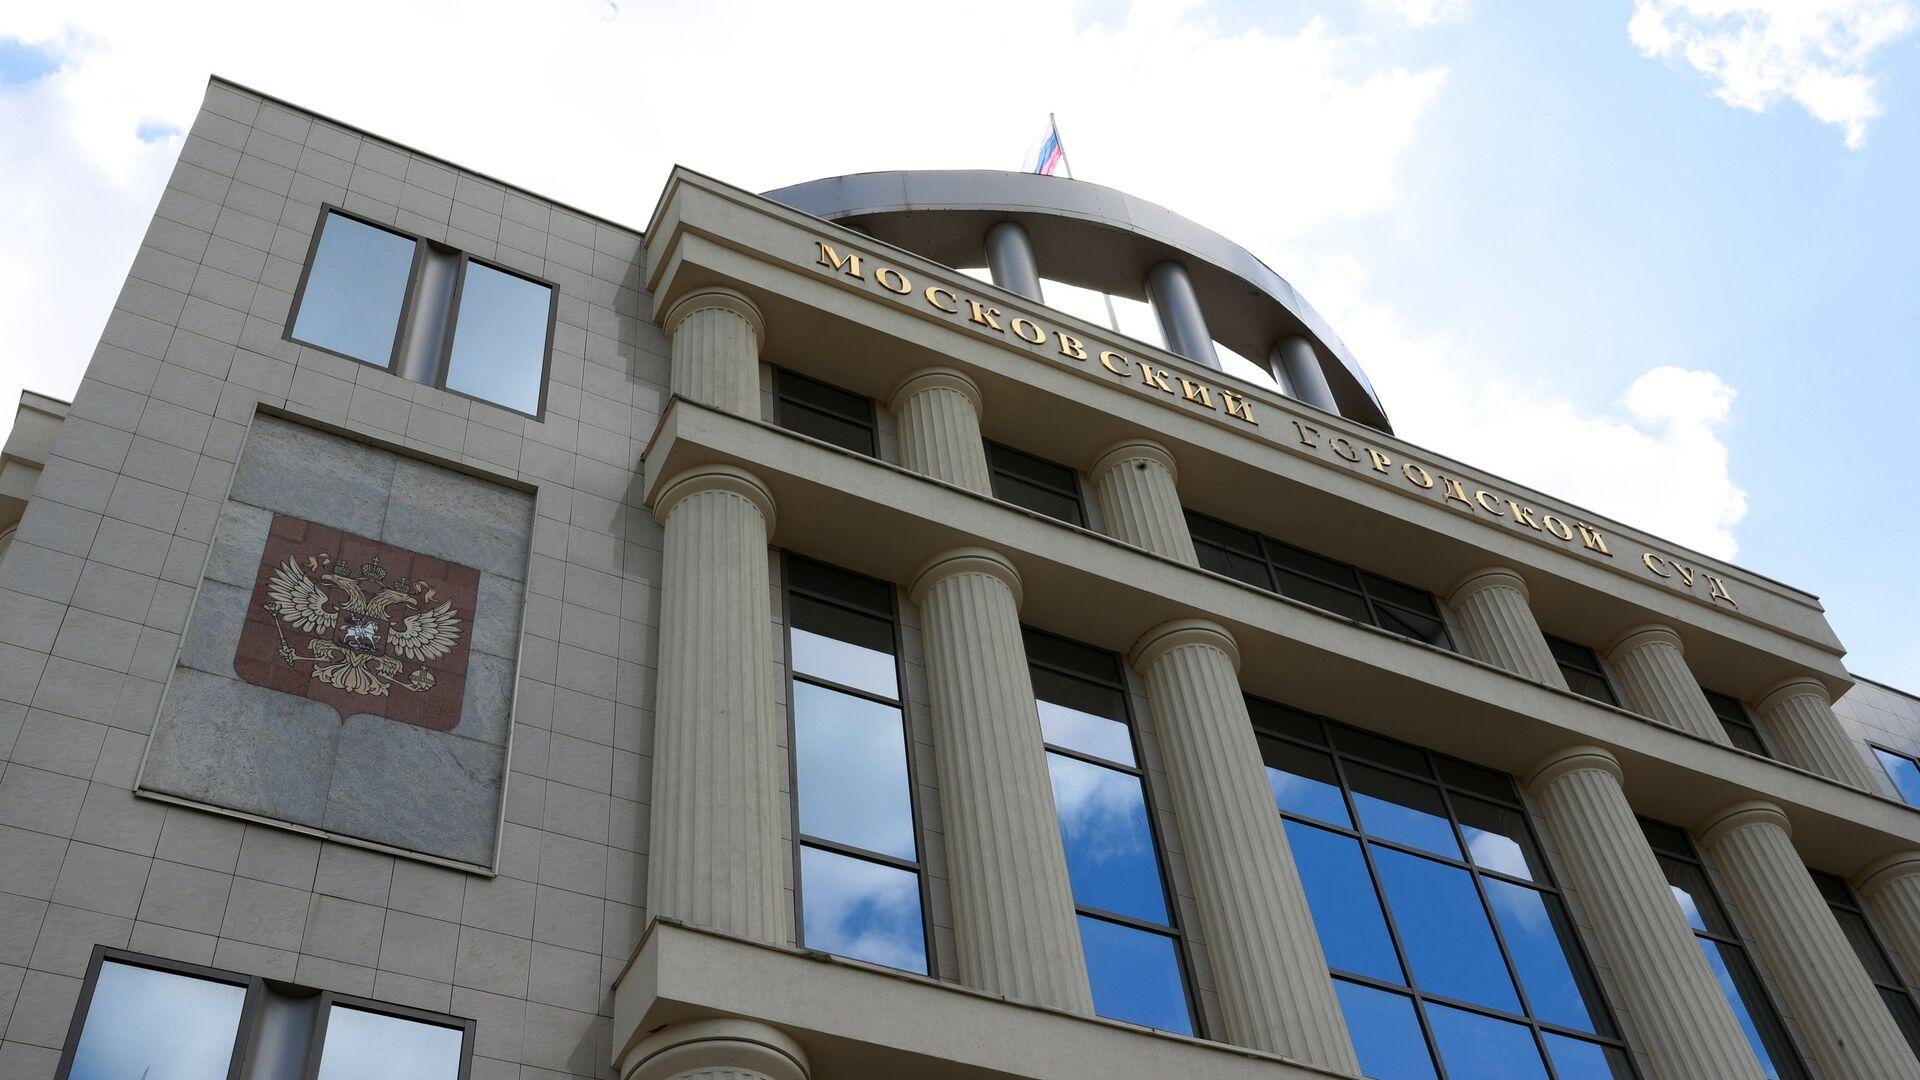 Здание Московского городского суда - РИА Новости, 1920, 29.09.2020